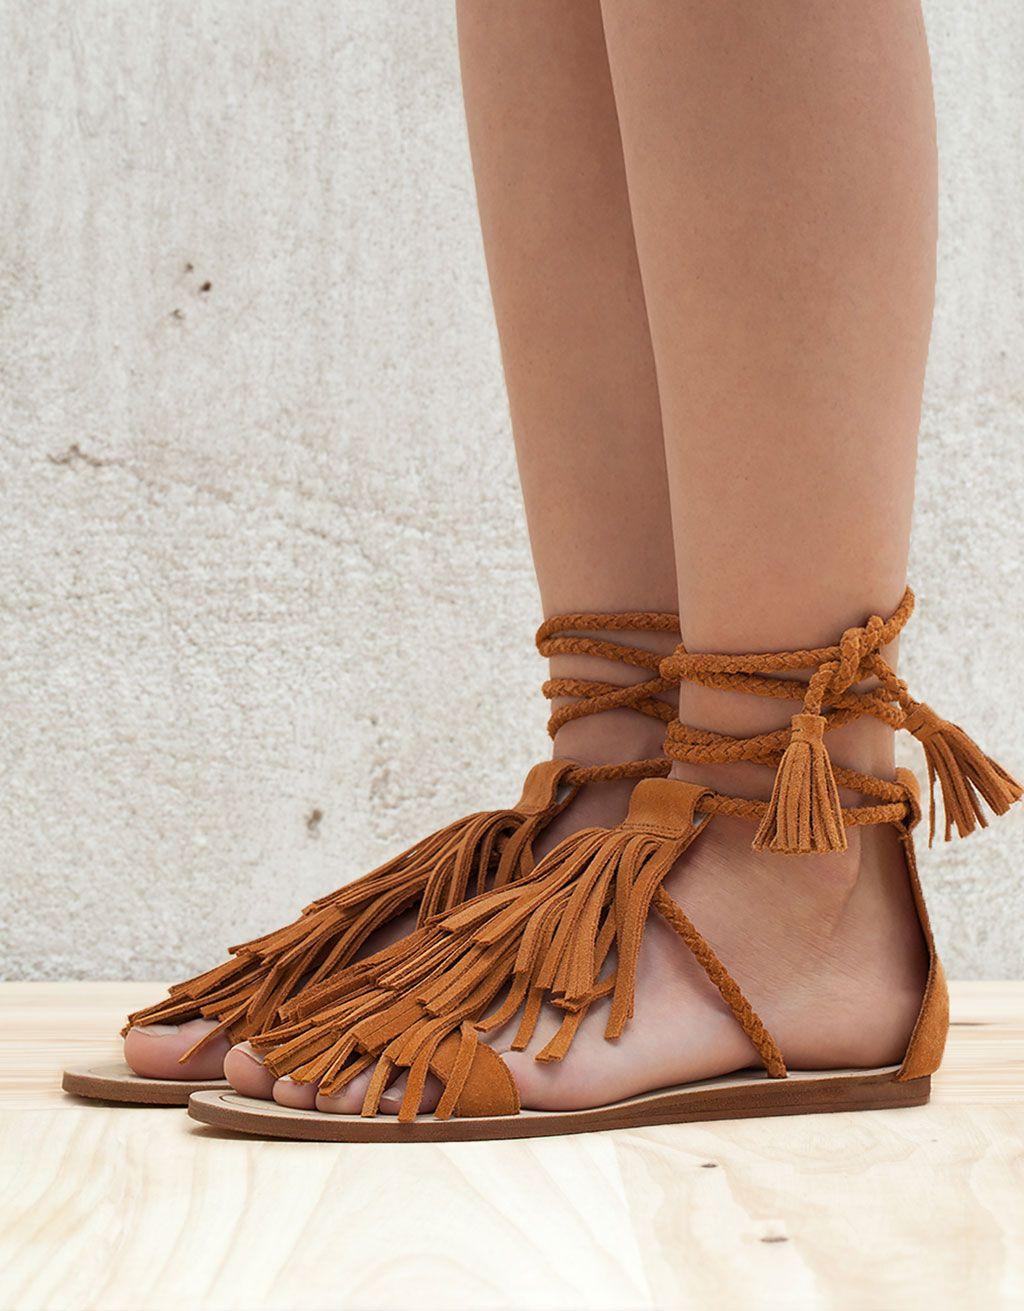 sandales plates à franges cuir. découvrez cet article et beaucoup